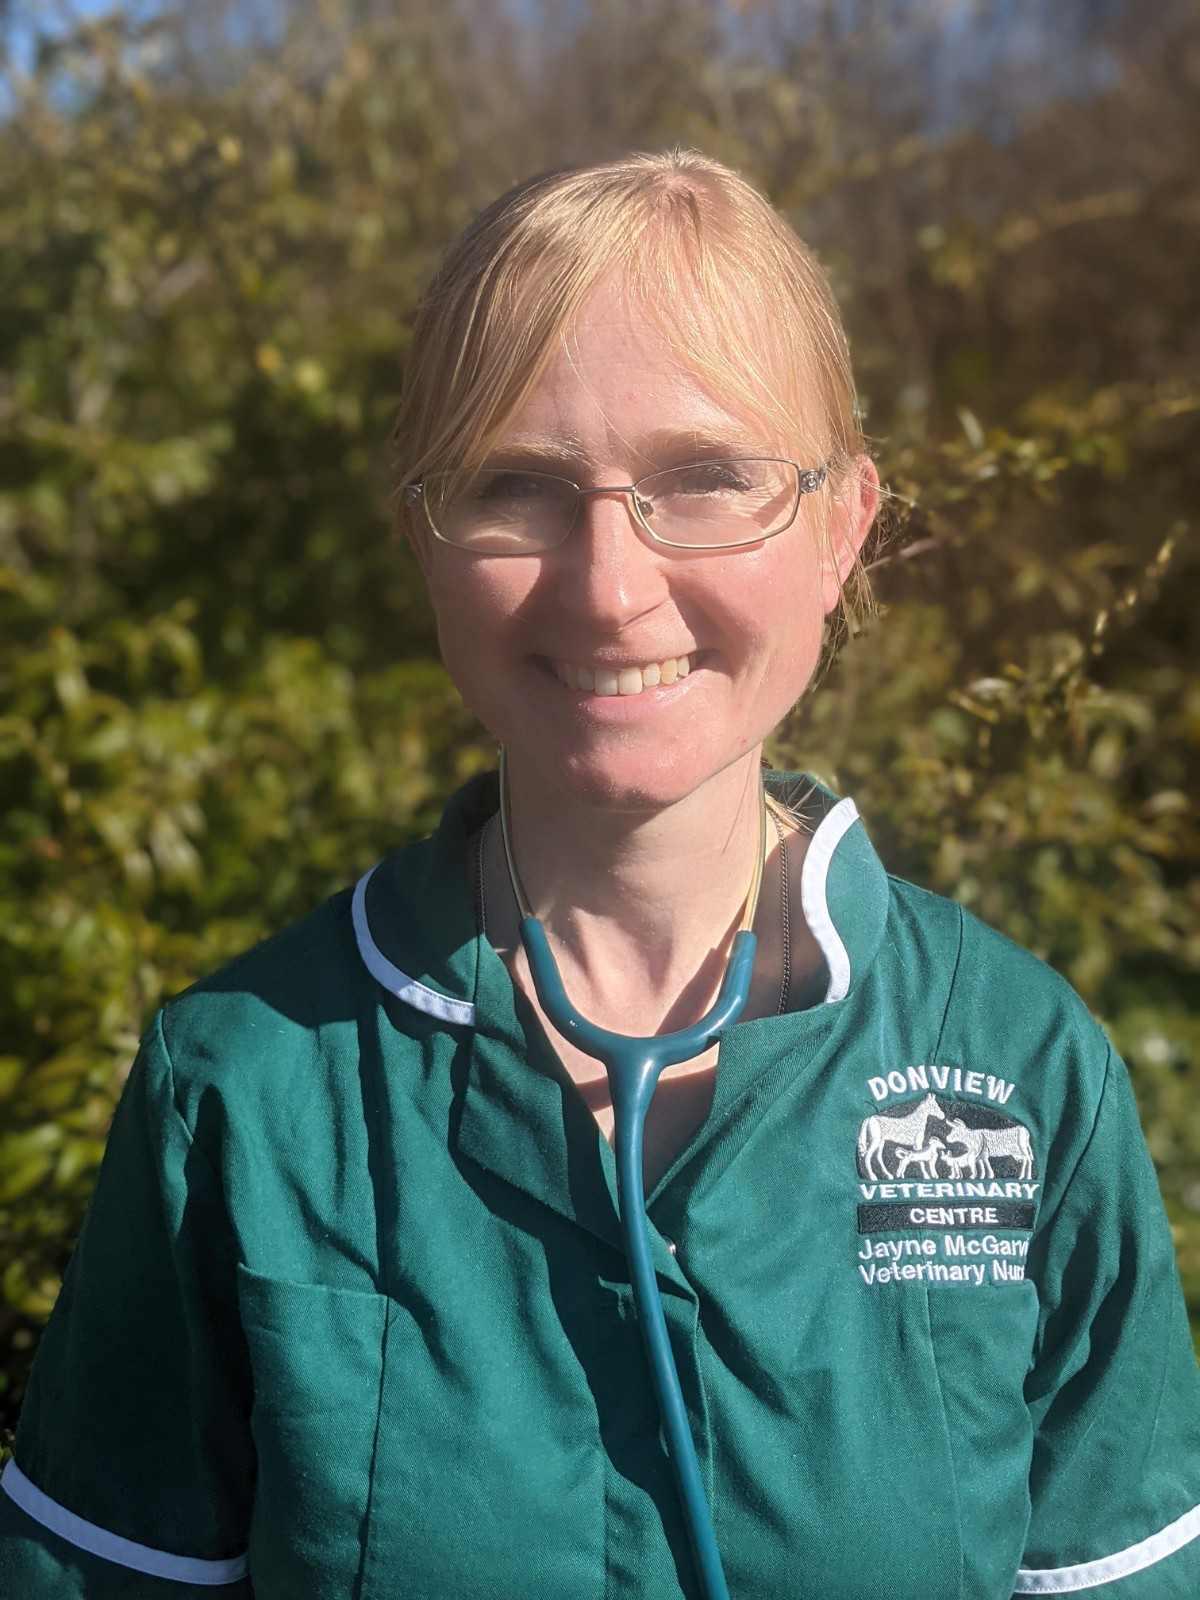 Jayne McGarvie nurse